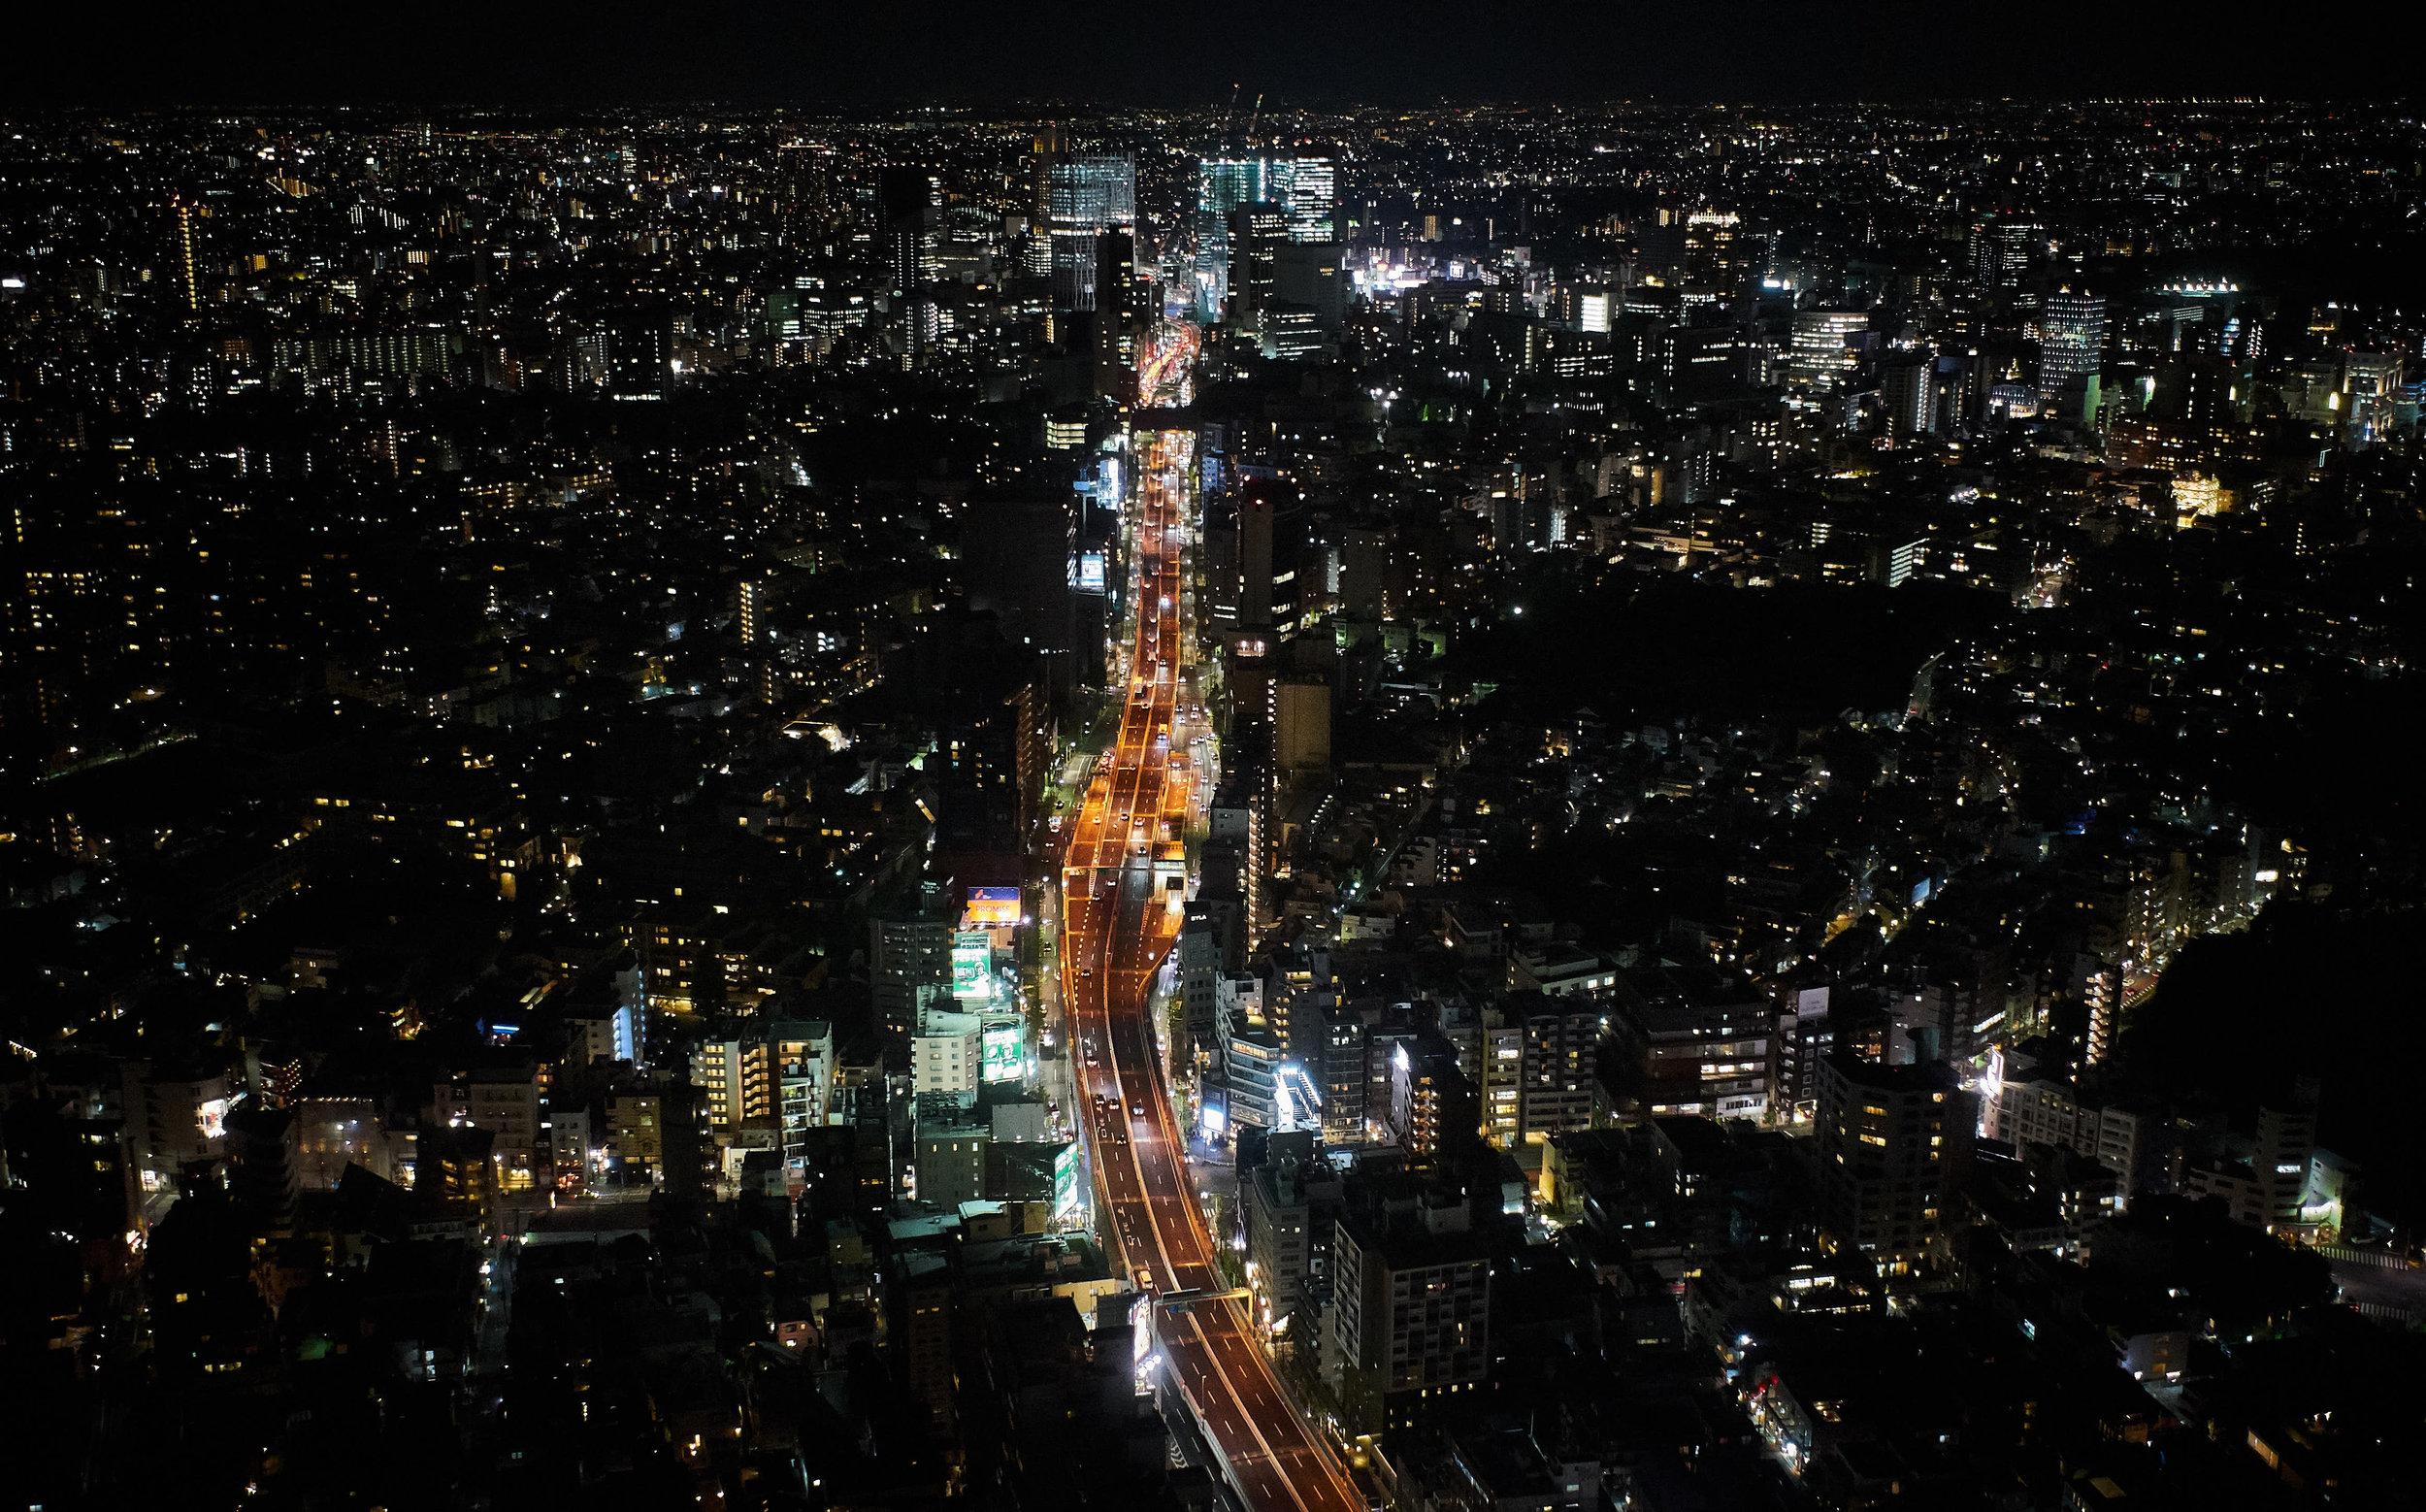 Tokio_Skyline_Night_4_kom.jpg